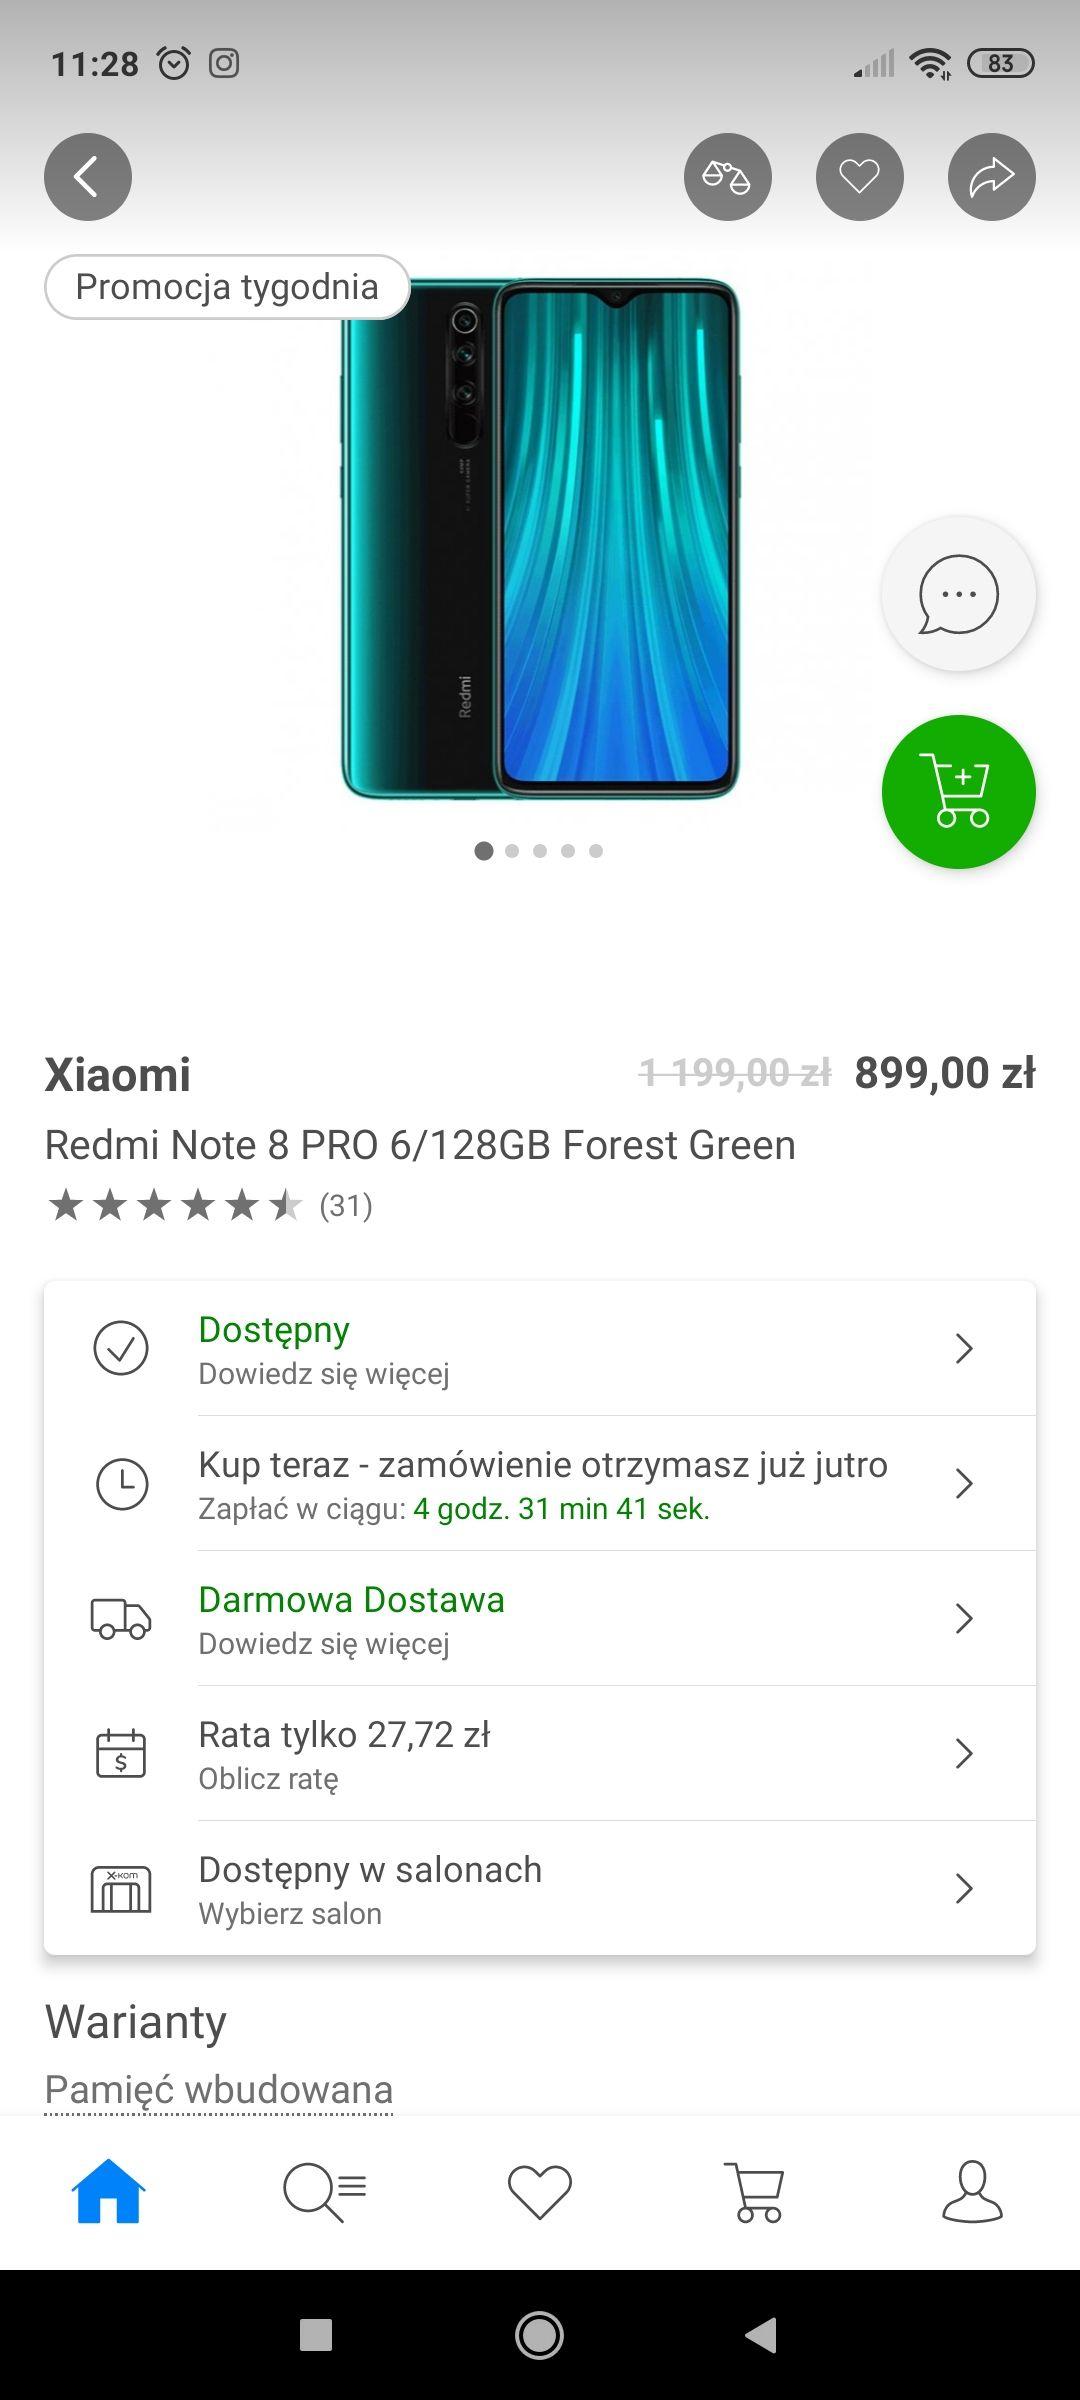 Xiaomi redmi note 8 pro xkom+ kolory do wyboru